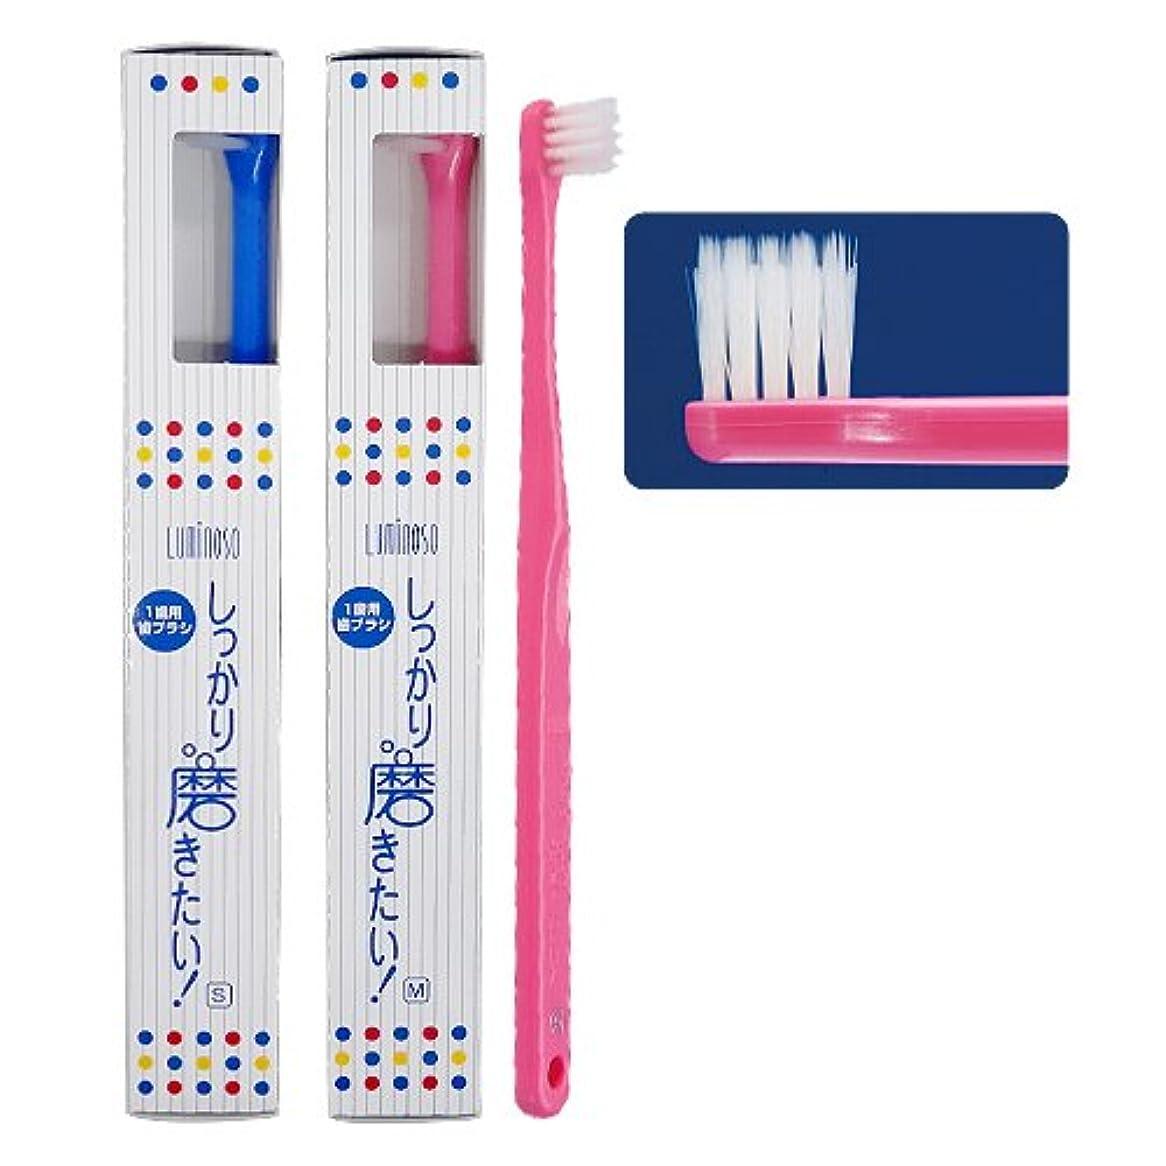 旅客以降貫入ルミノソ 1歯用歯ブラシ 「しっかり磨きたい!」 スタンダード ミディアム